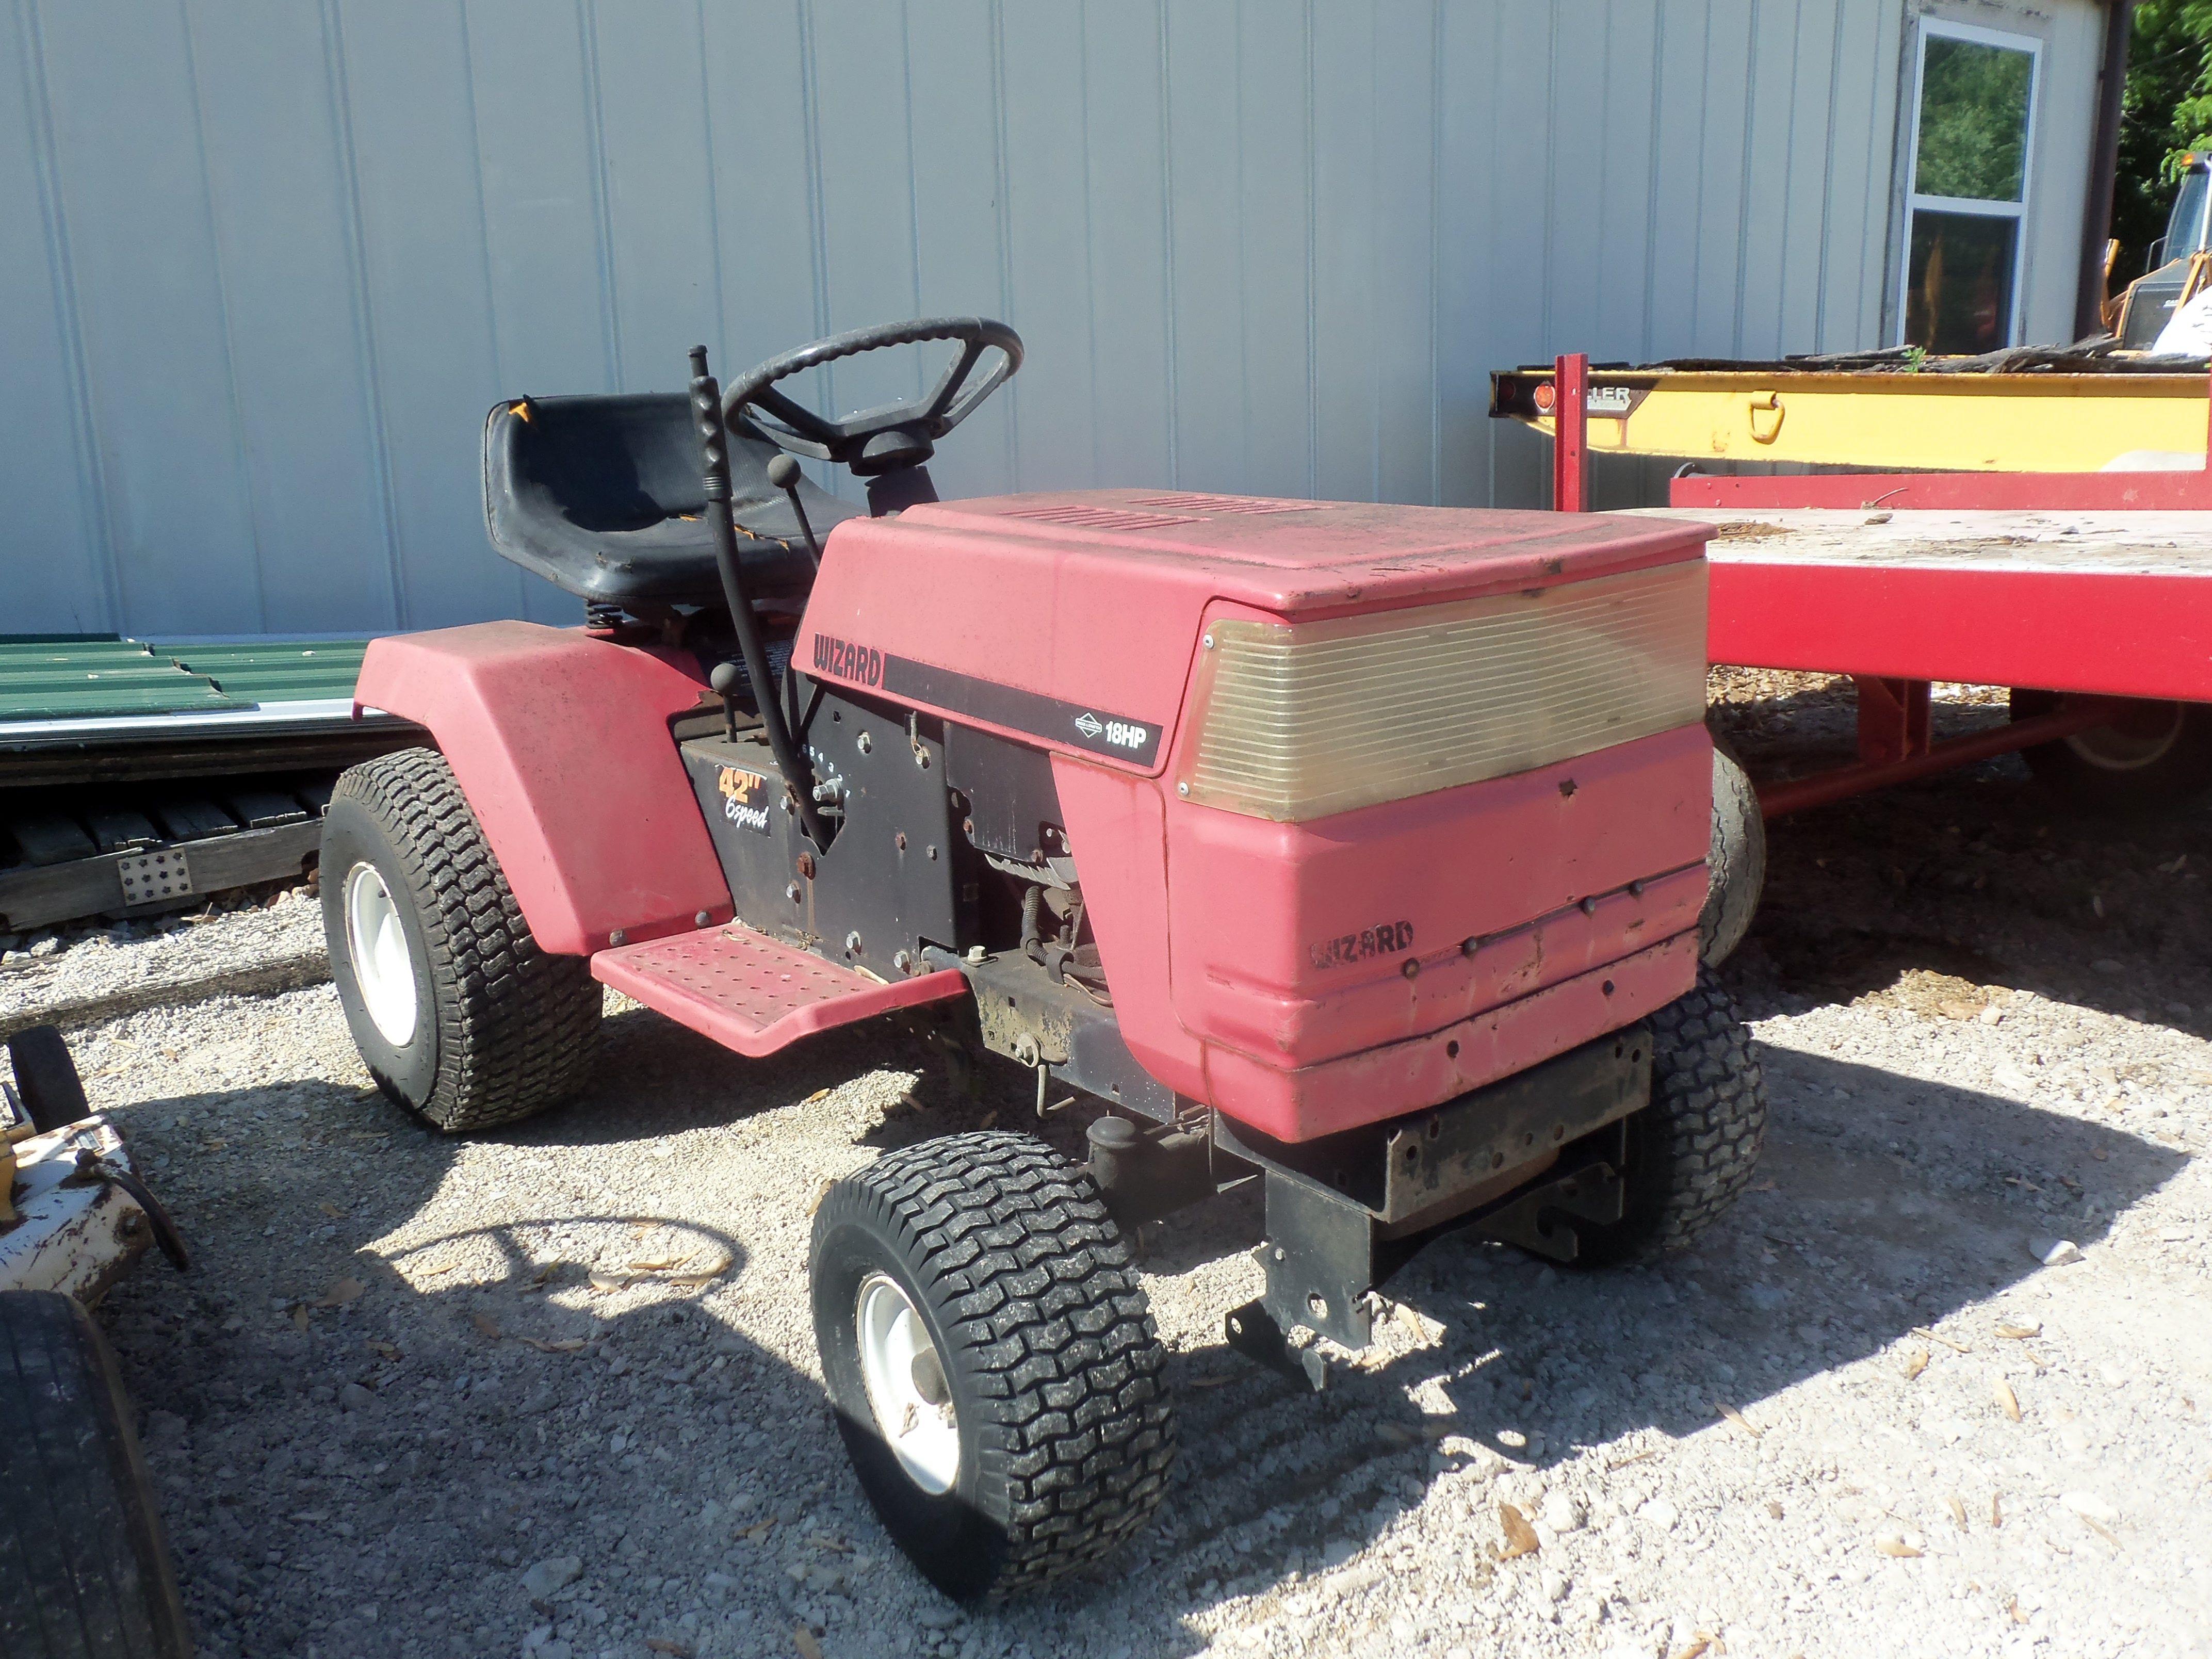 Wizard 18 hp lawn & garden tractor Tractors Pinterest